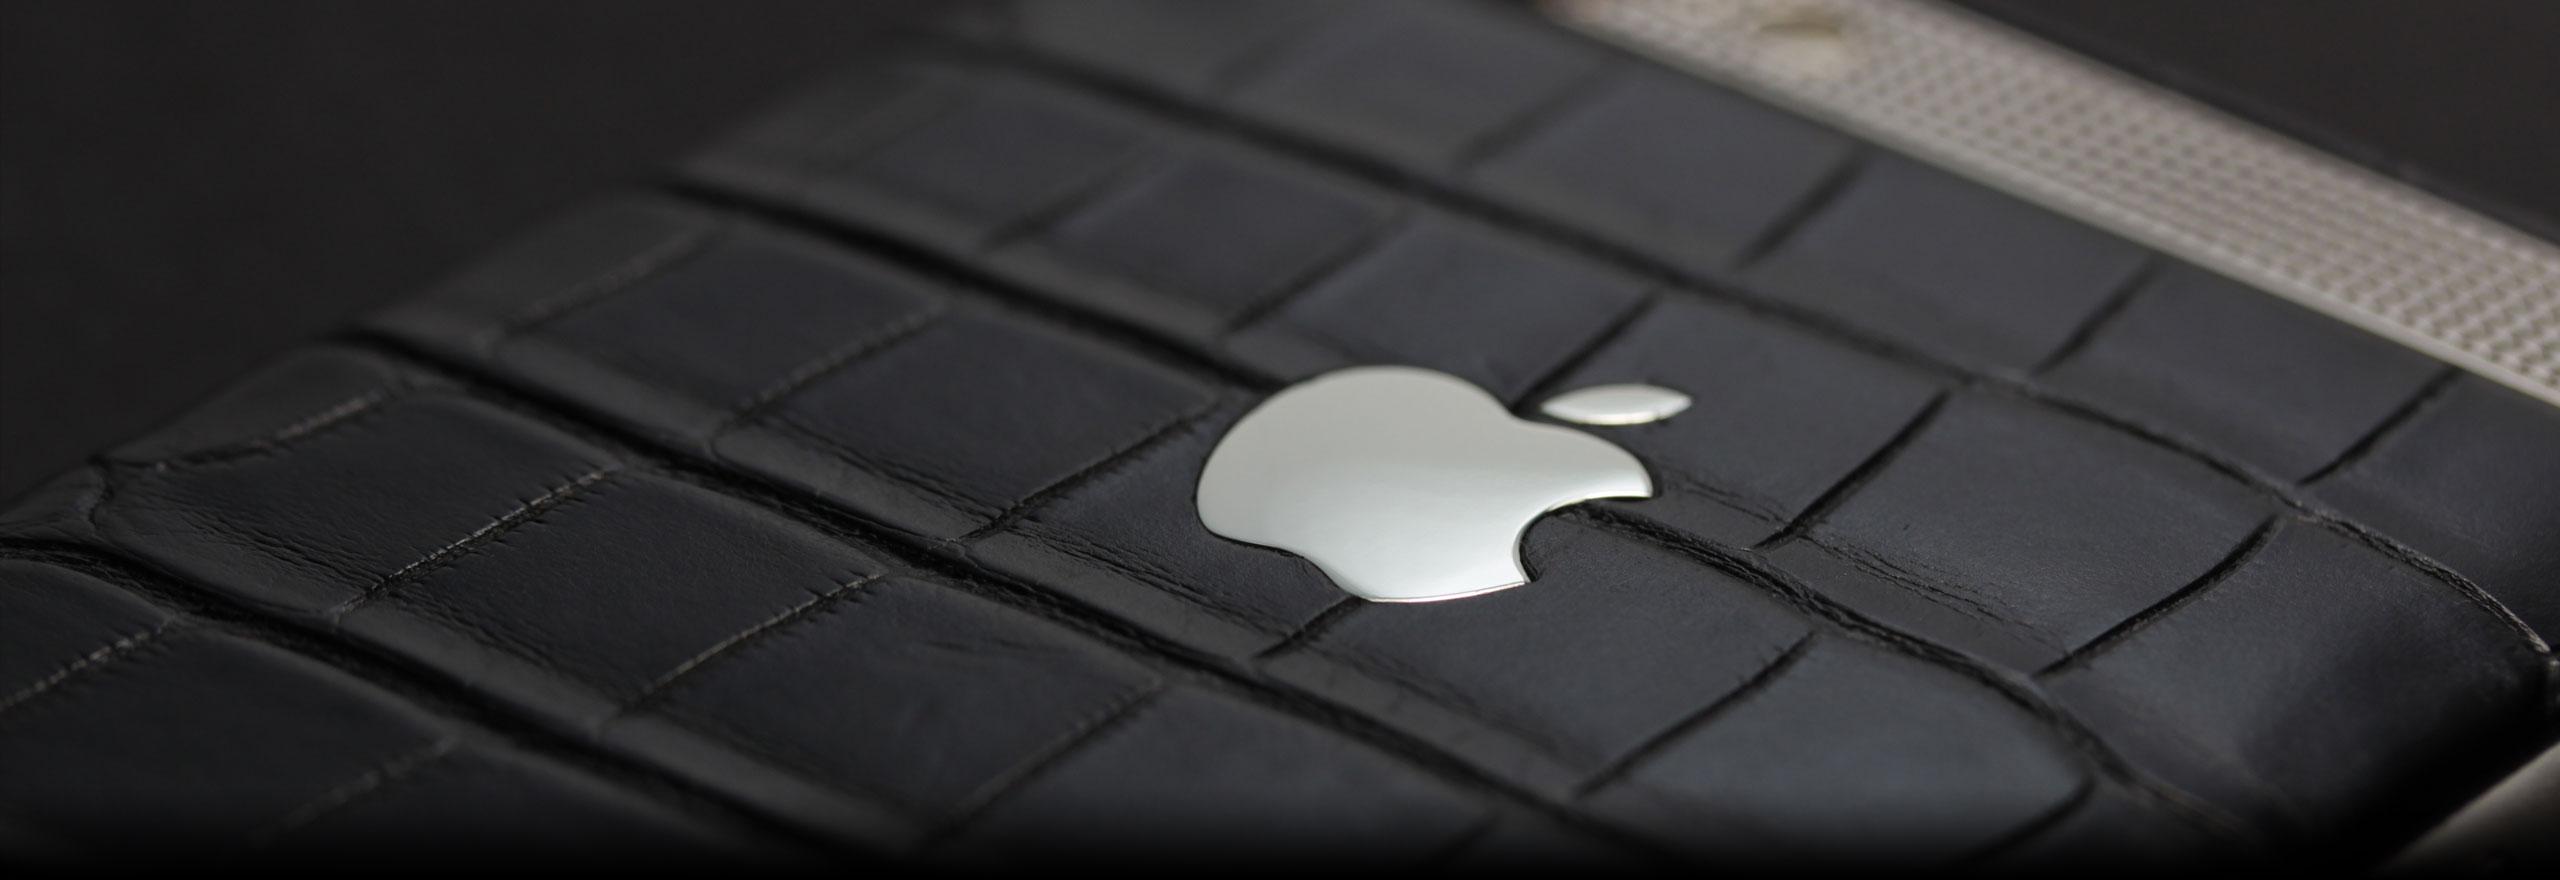 iPhone из кожи аллигатор